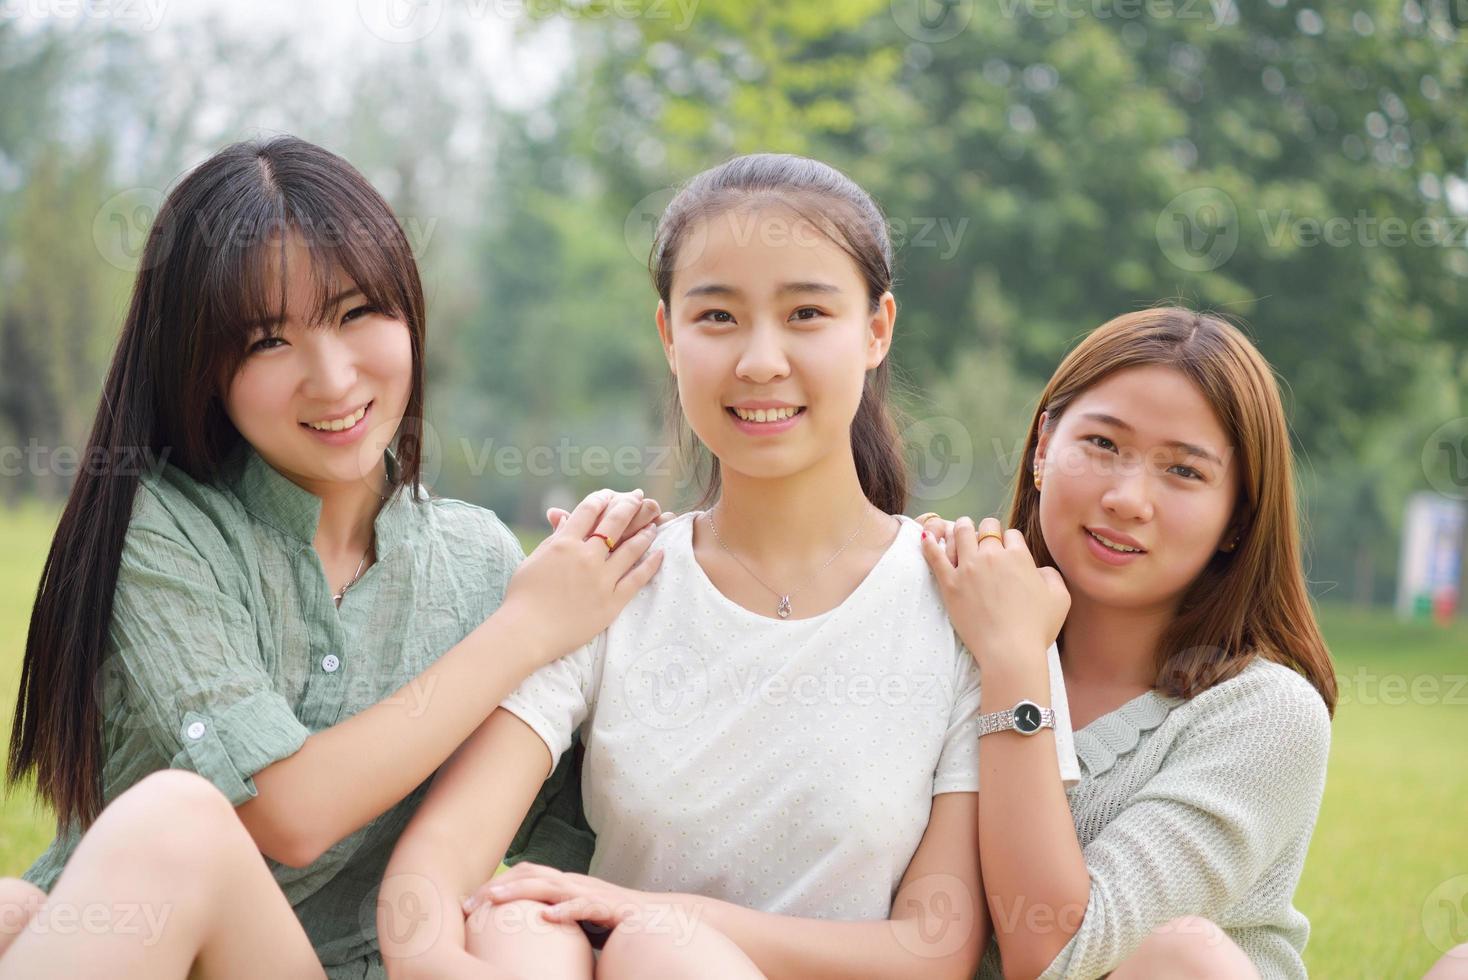 trois étudiantes photo